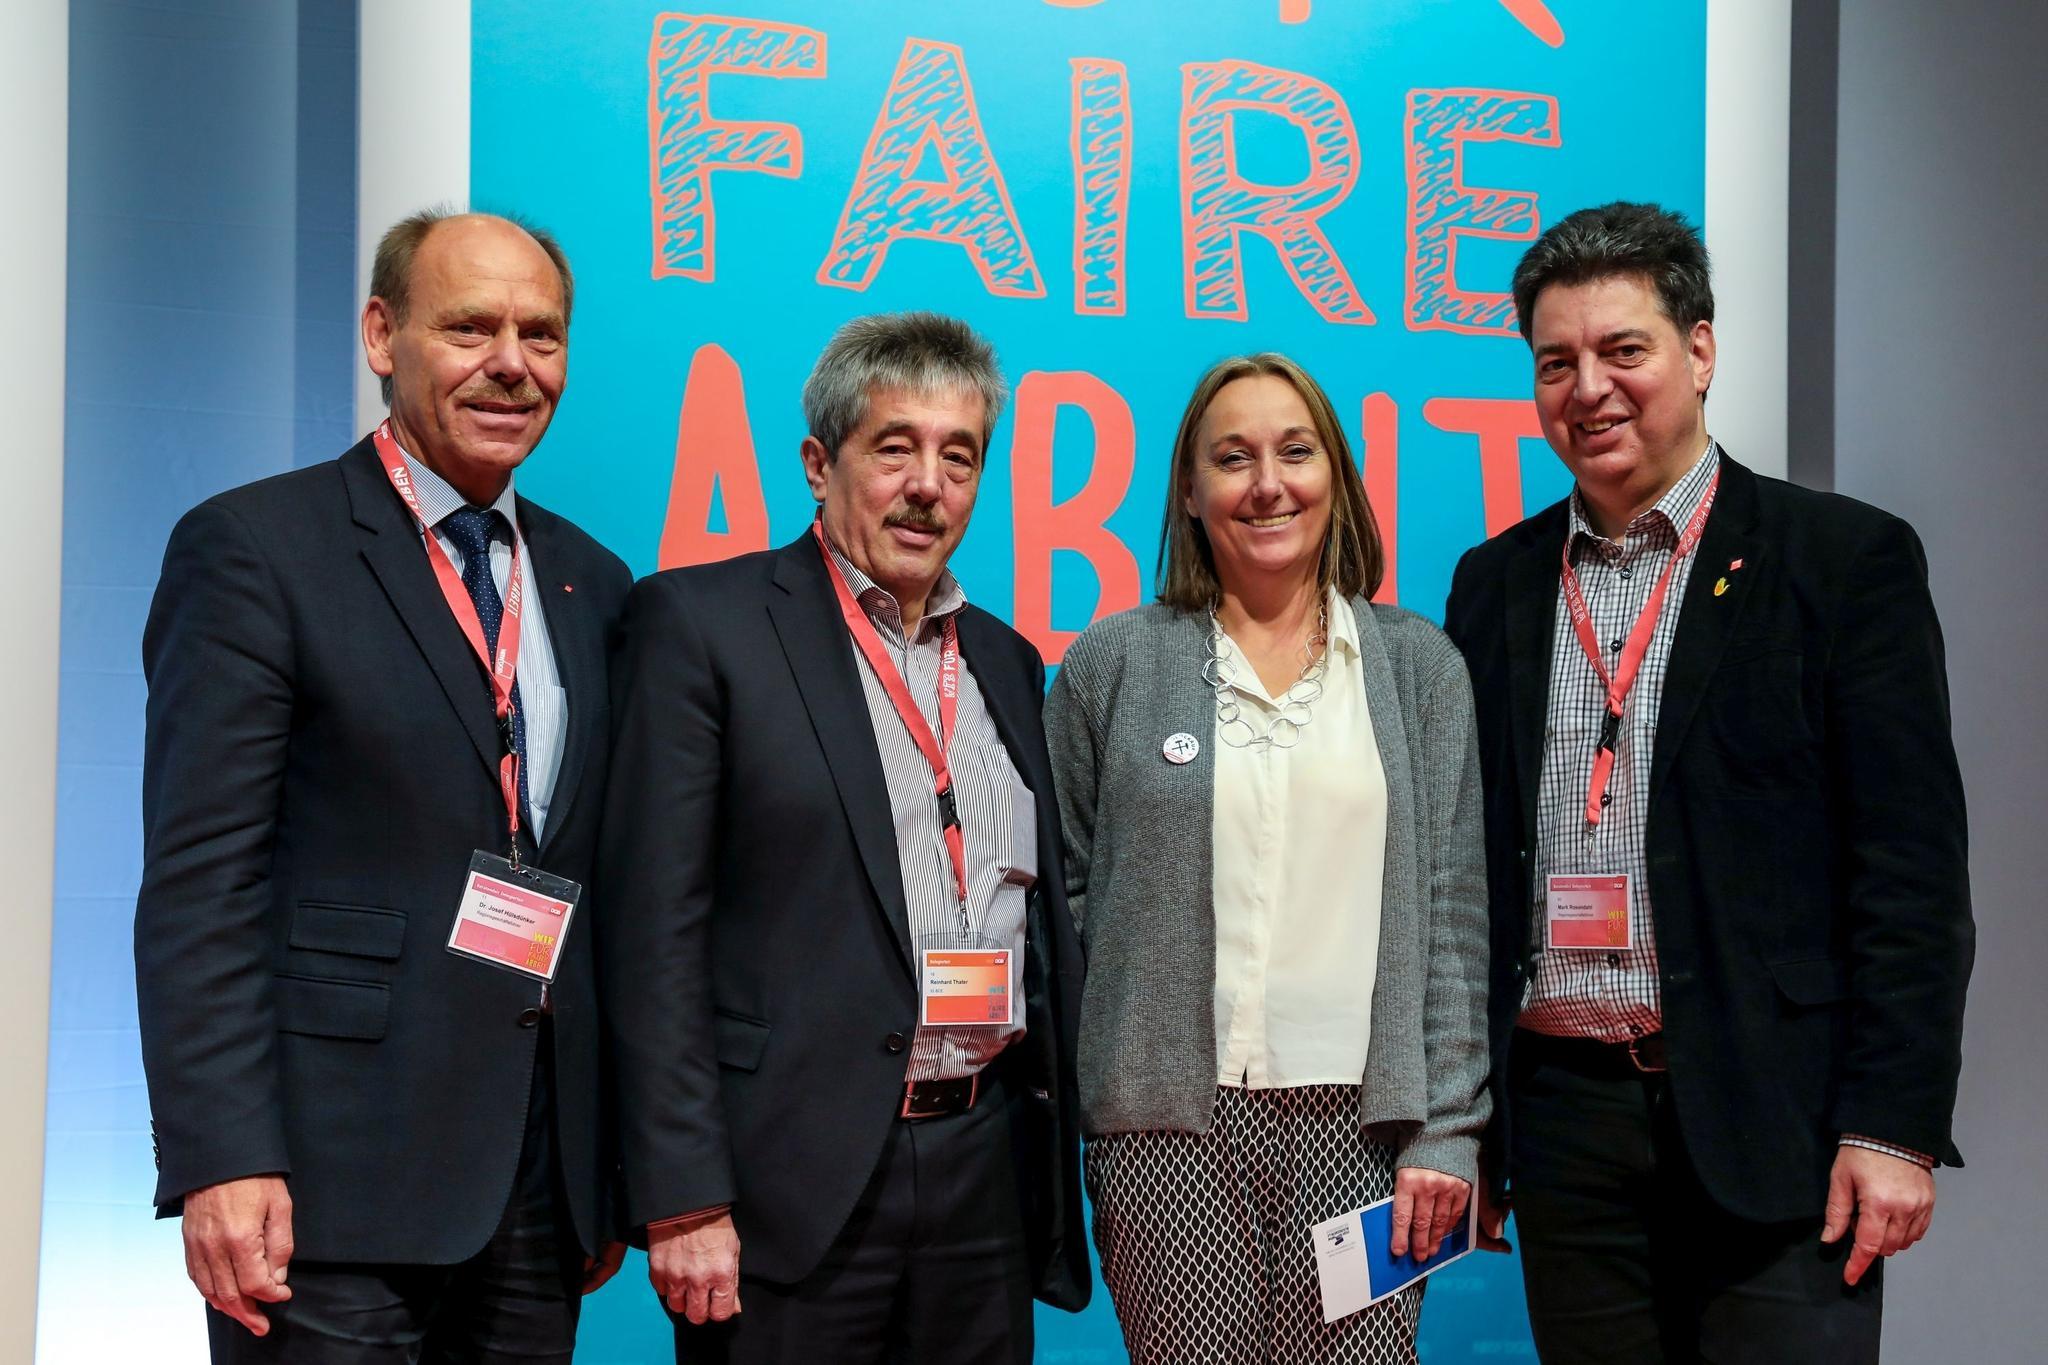 Josef Hülsdünker, Reinhard Thater, Anja Weber und Mark Rosendahl bei der DGB-Bezirkskonferenz